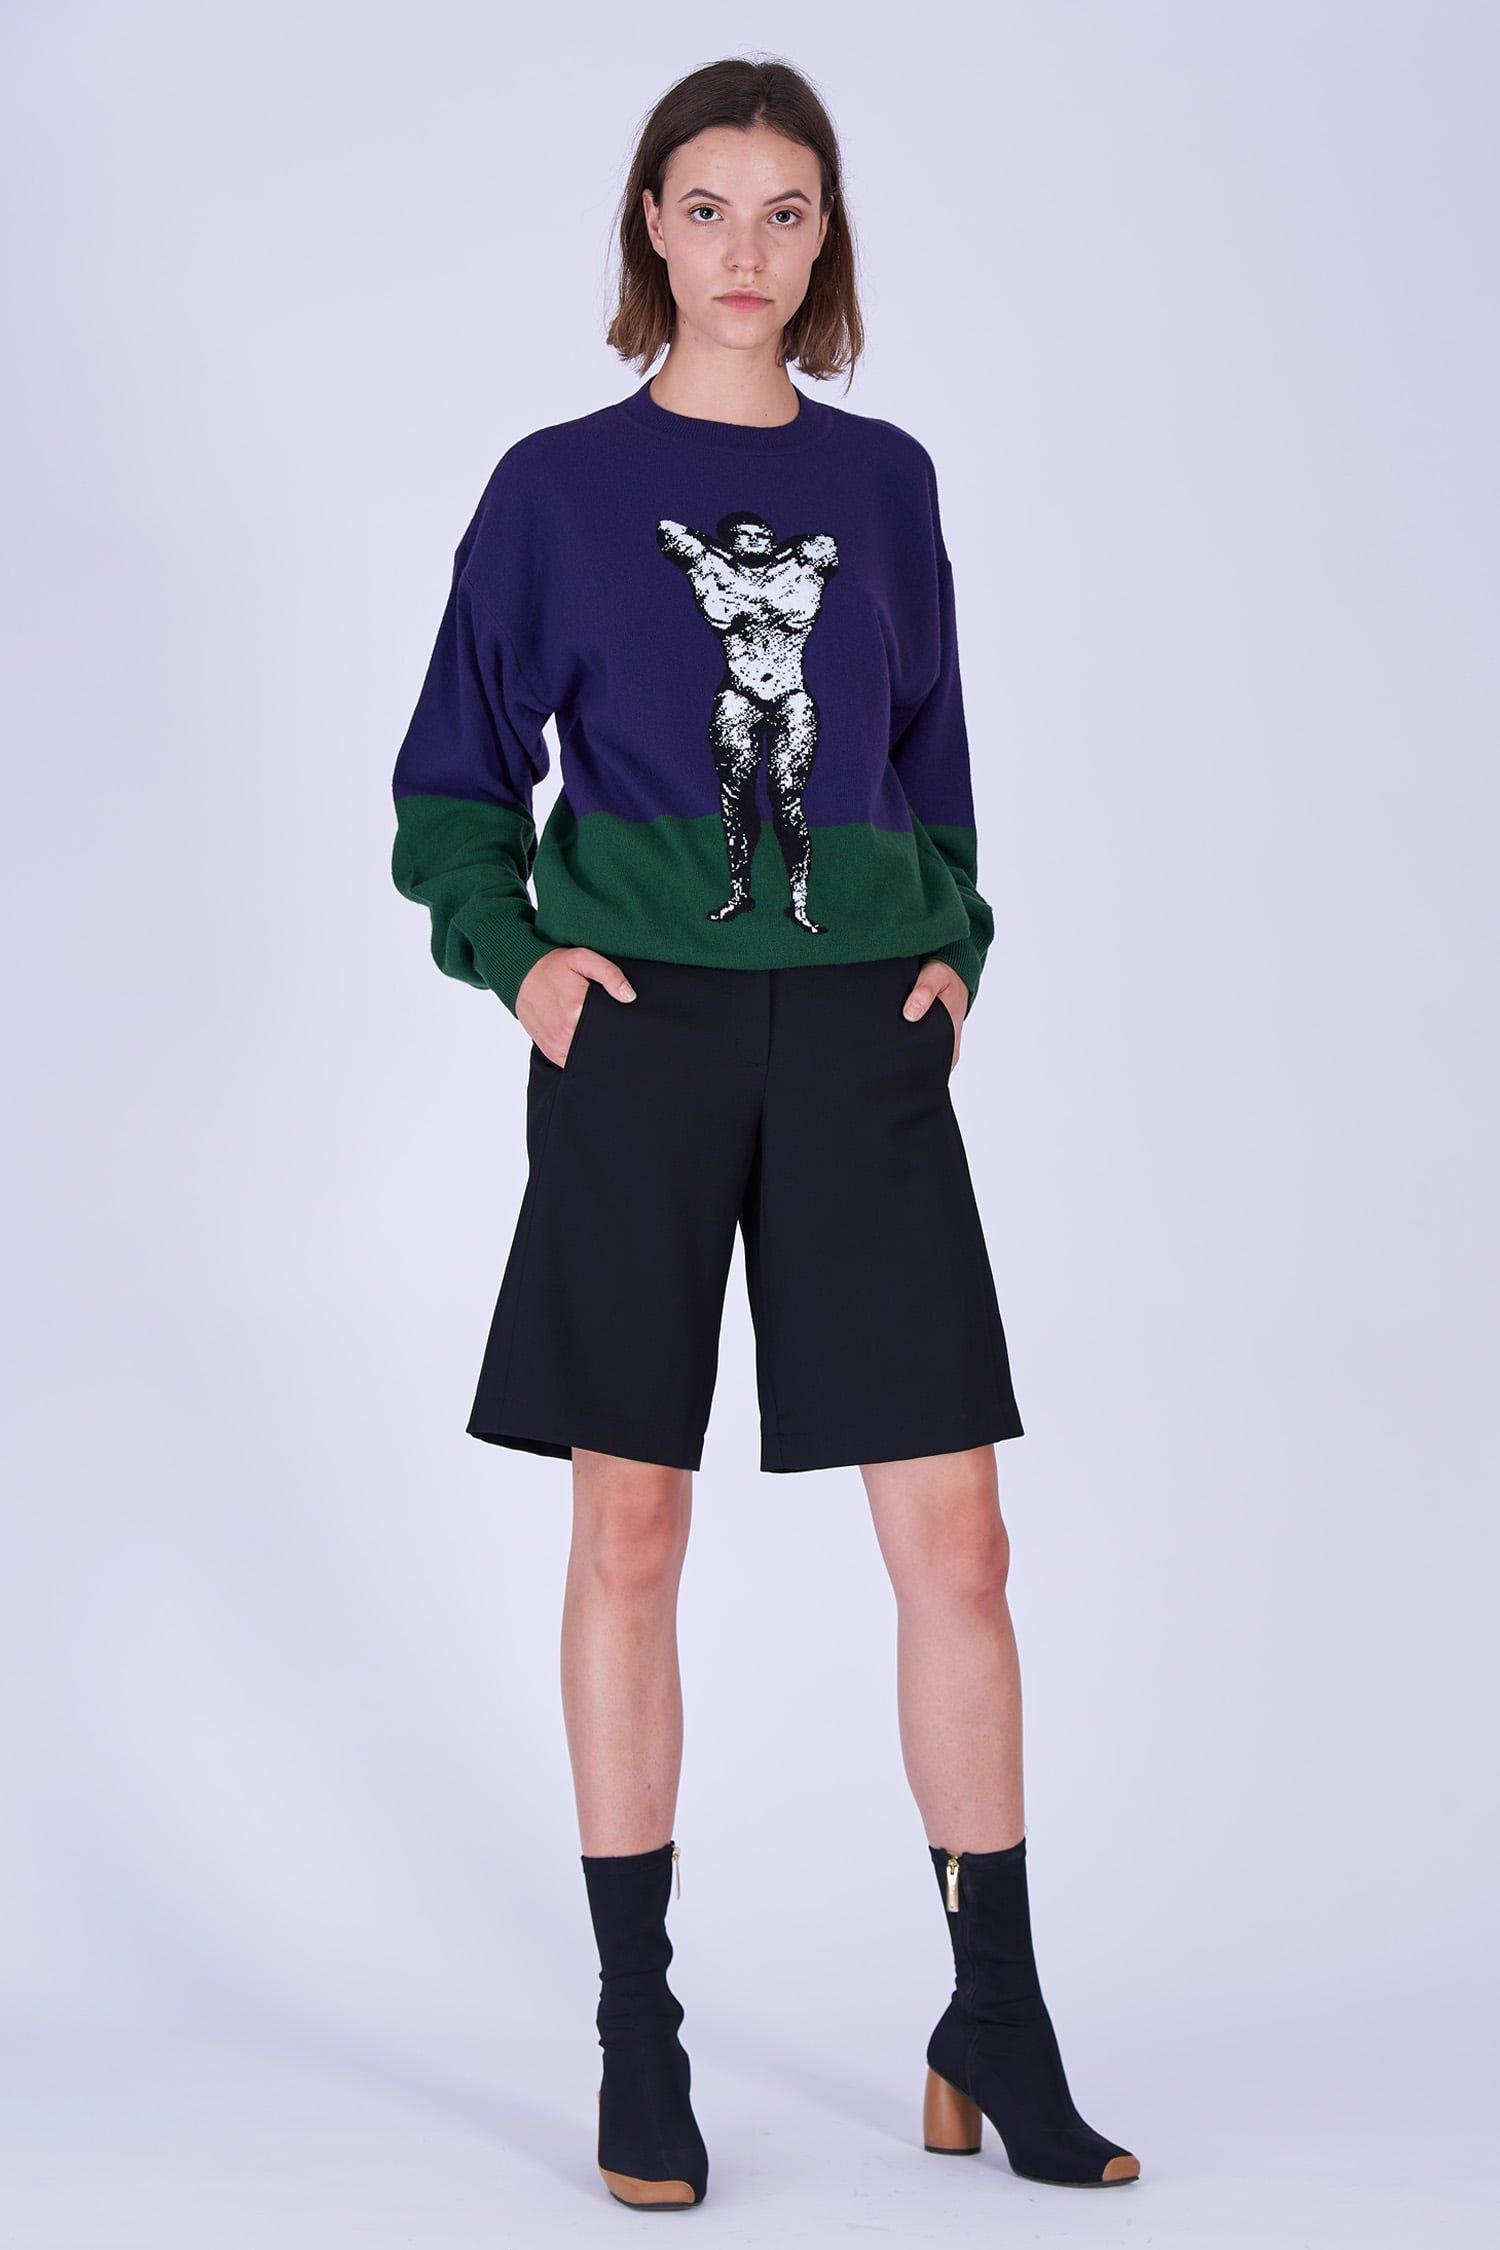 Acephala Fw19 20 Purple Green Bodybuilder Jumper Black Shorts Fioletowo Zielony Sweter Czarne Szorty Front 1